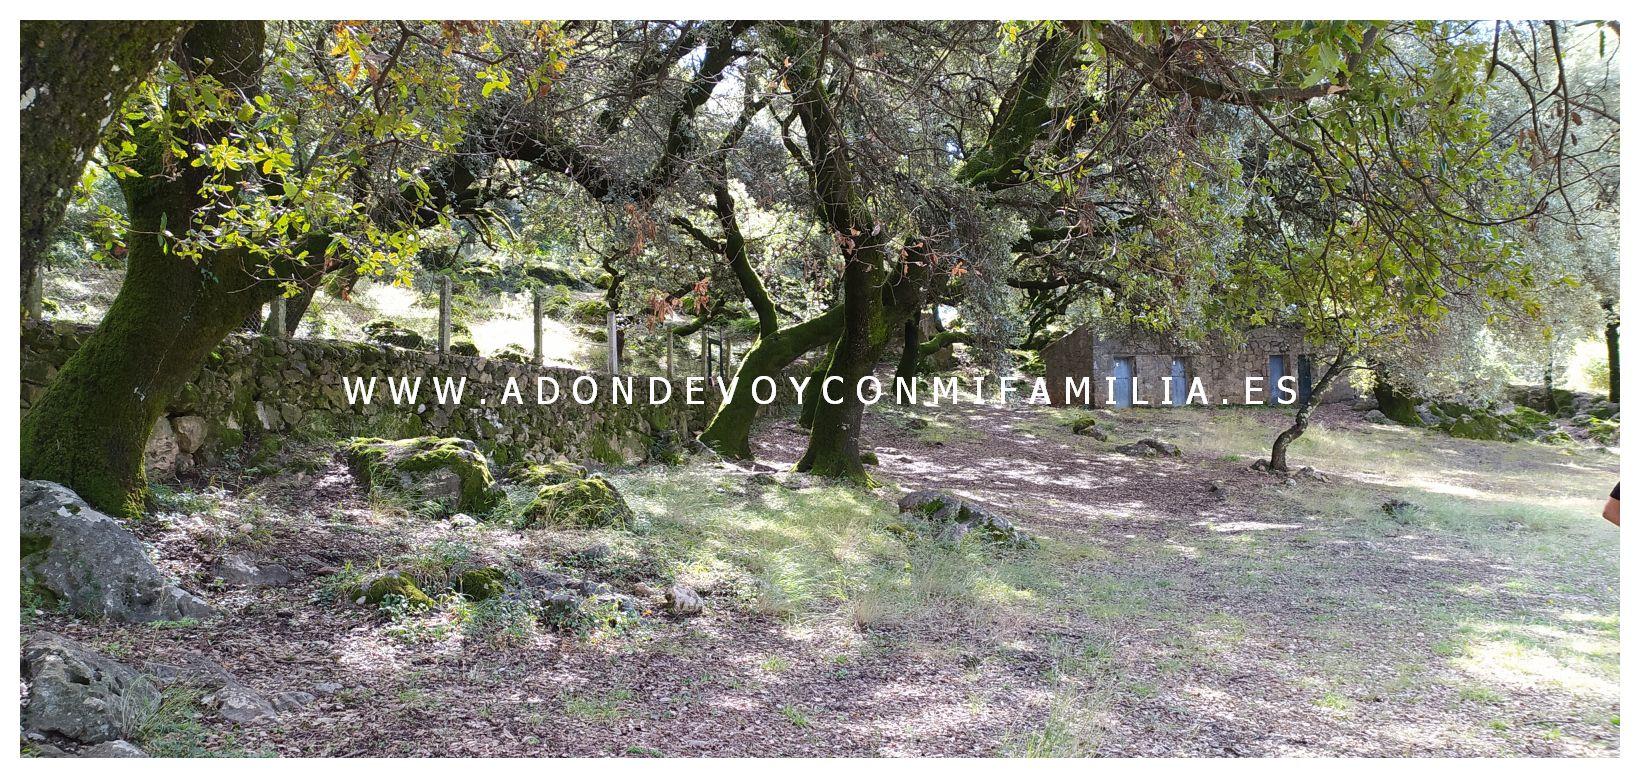 area recreativa los llanos del campo adondevoyconmifamilia 18